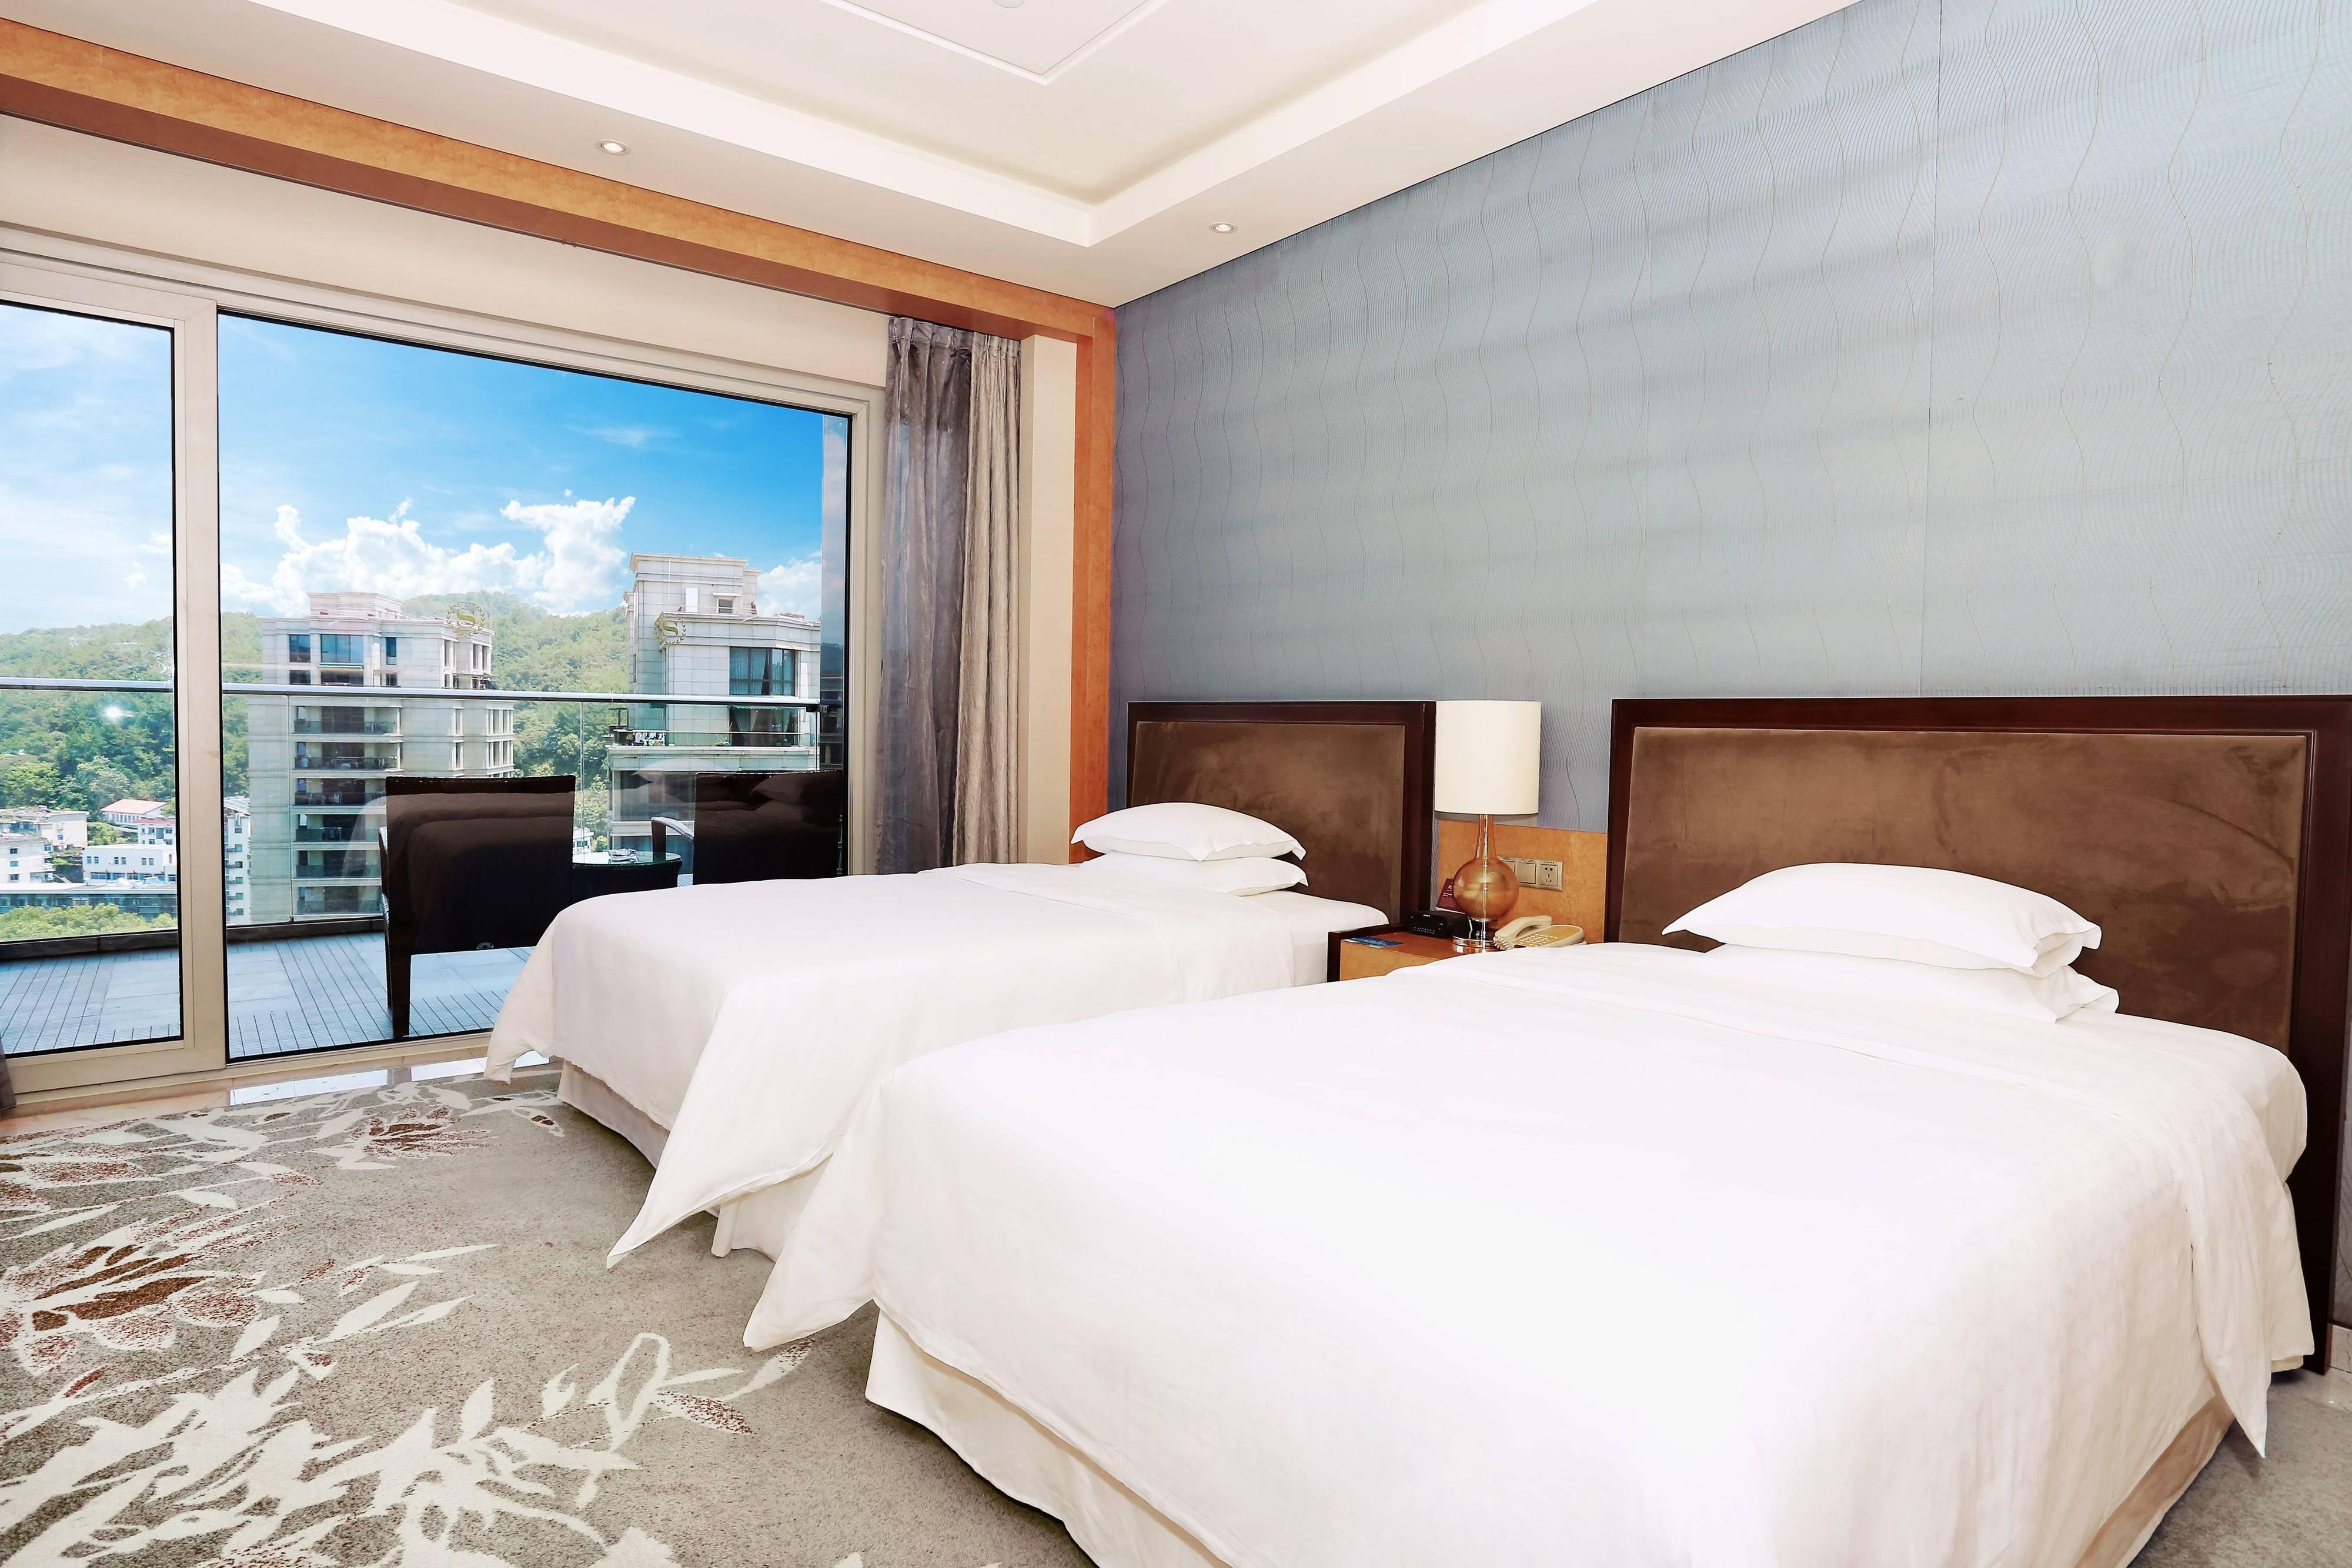 Gästezimmer mit zwei Einzelbetten und Gartenblick